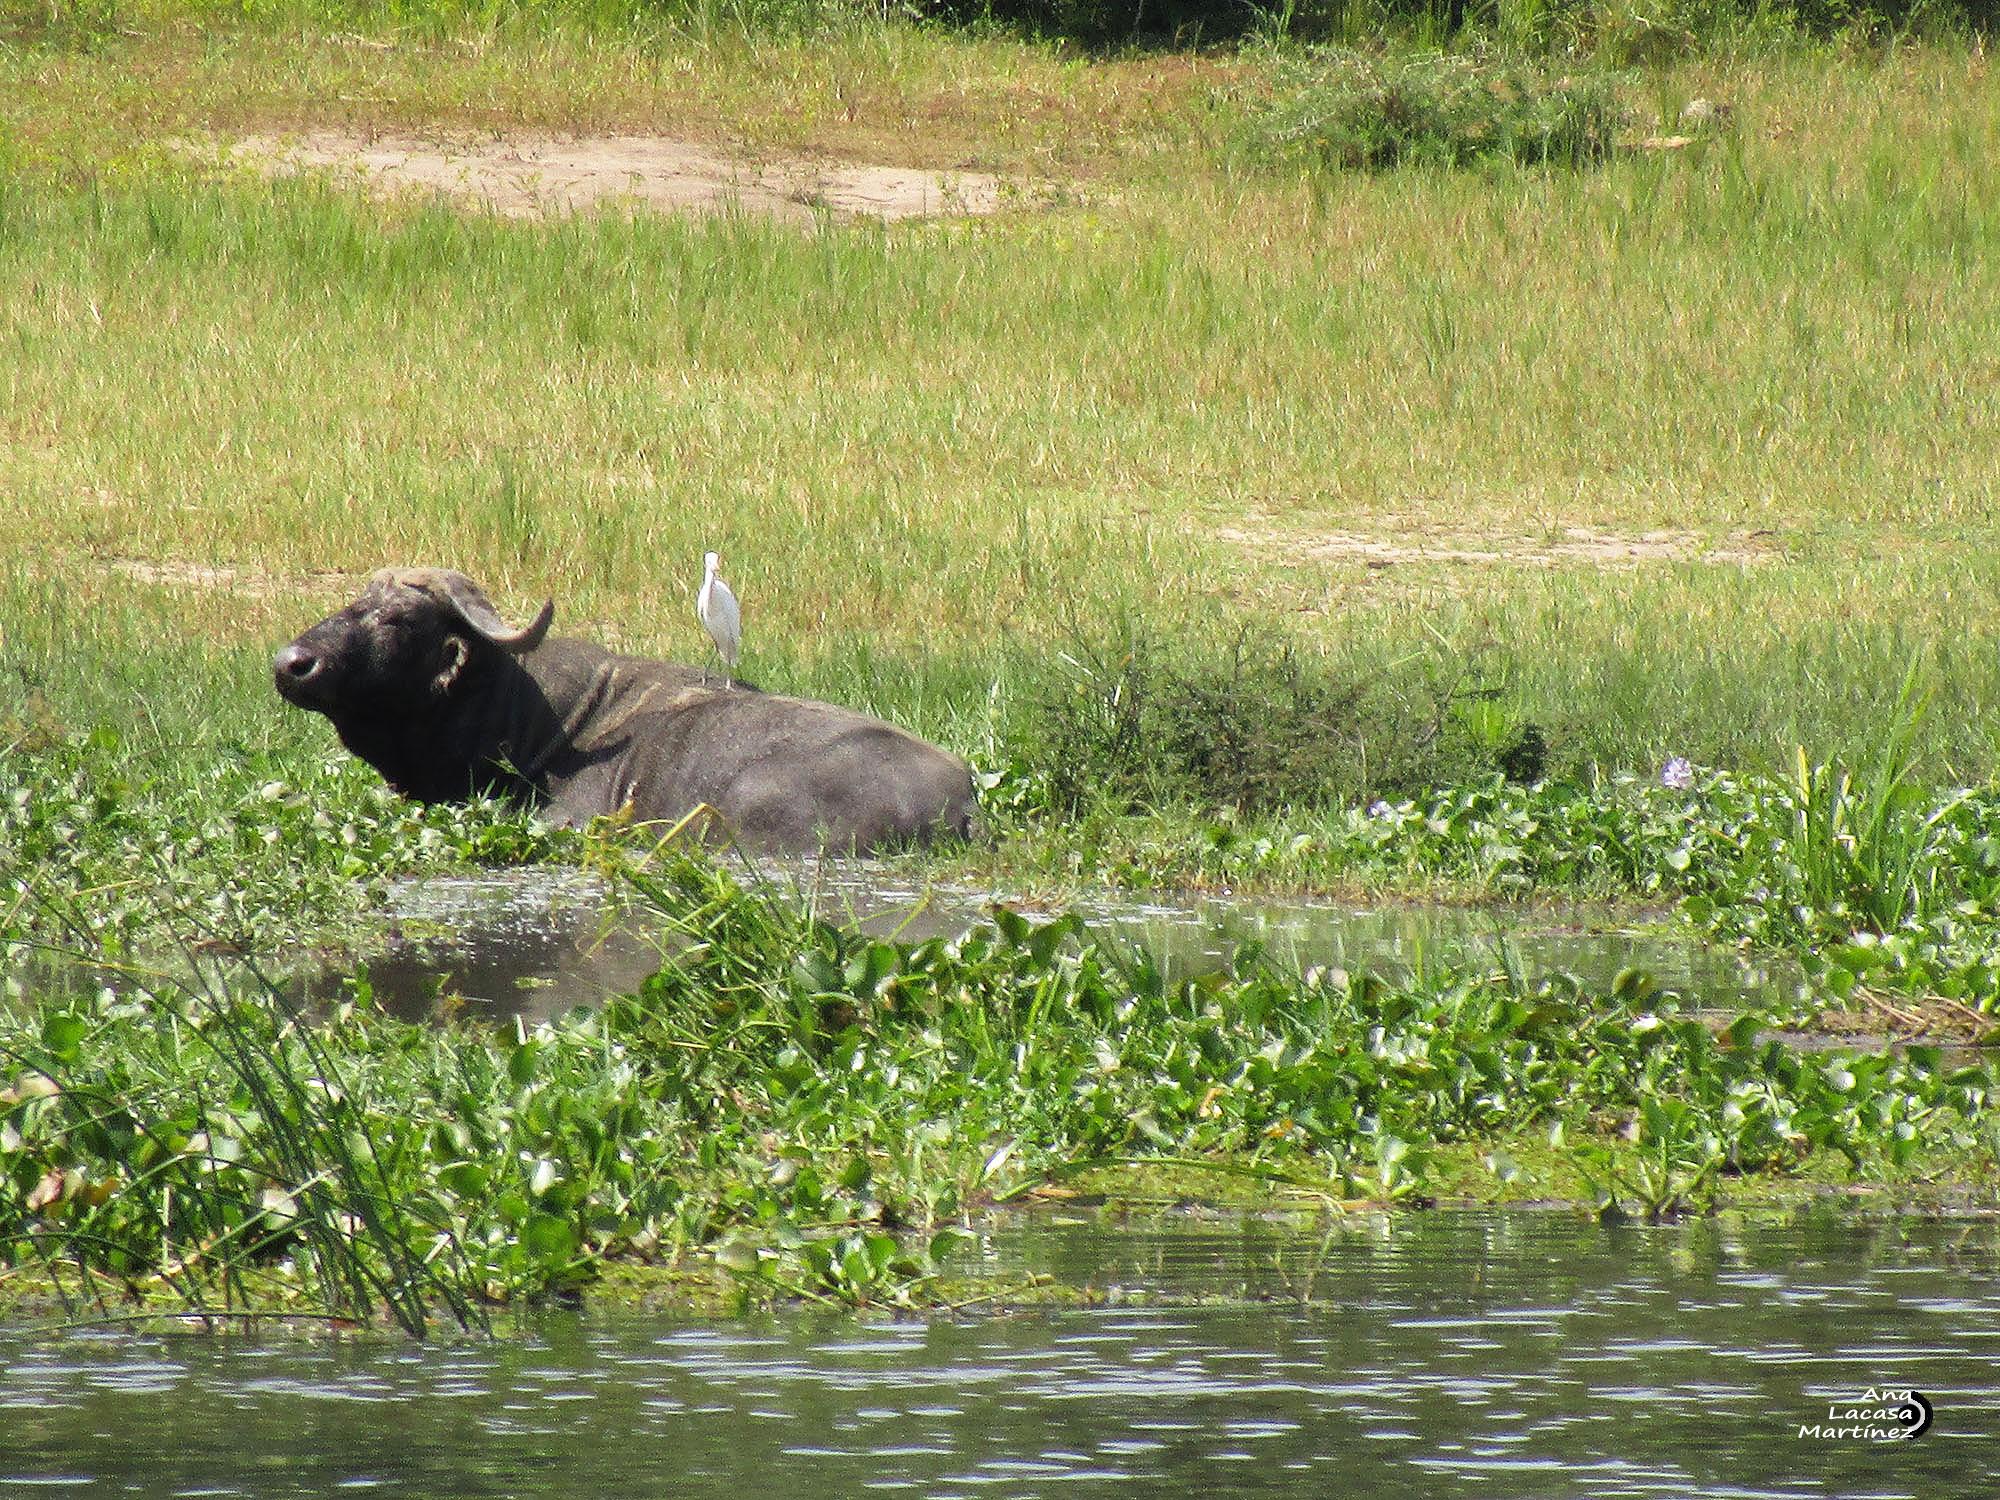 El impresionante búfalo, cómo no, con su garcilla al lomo